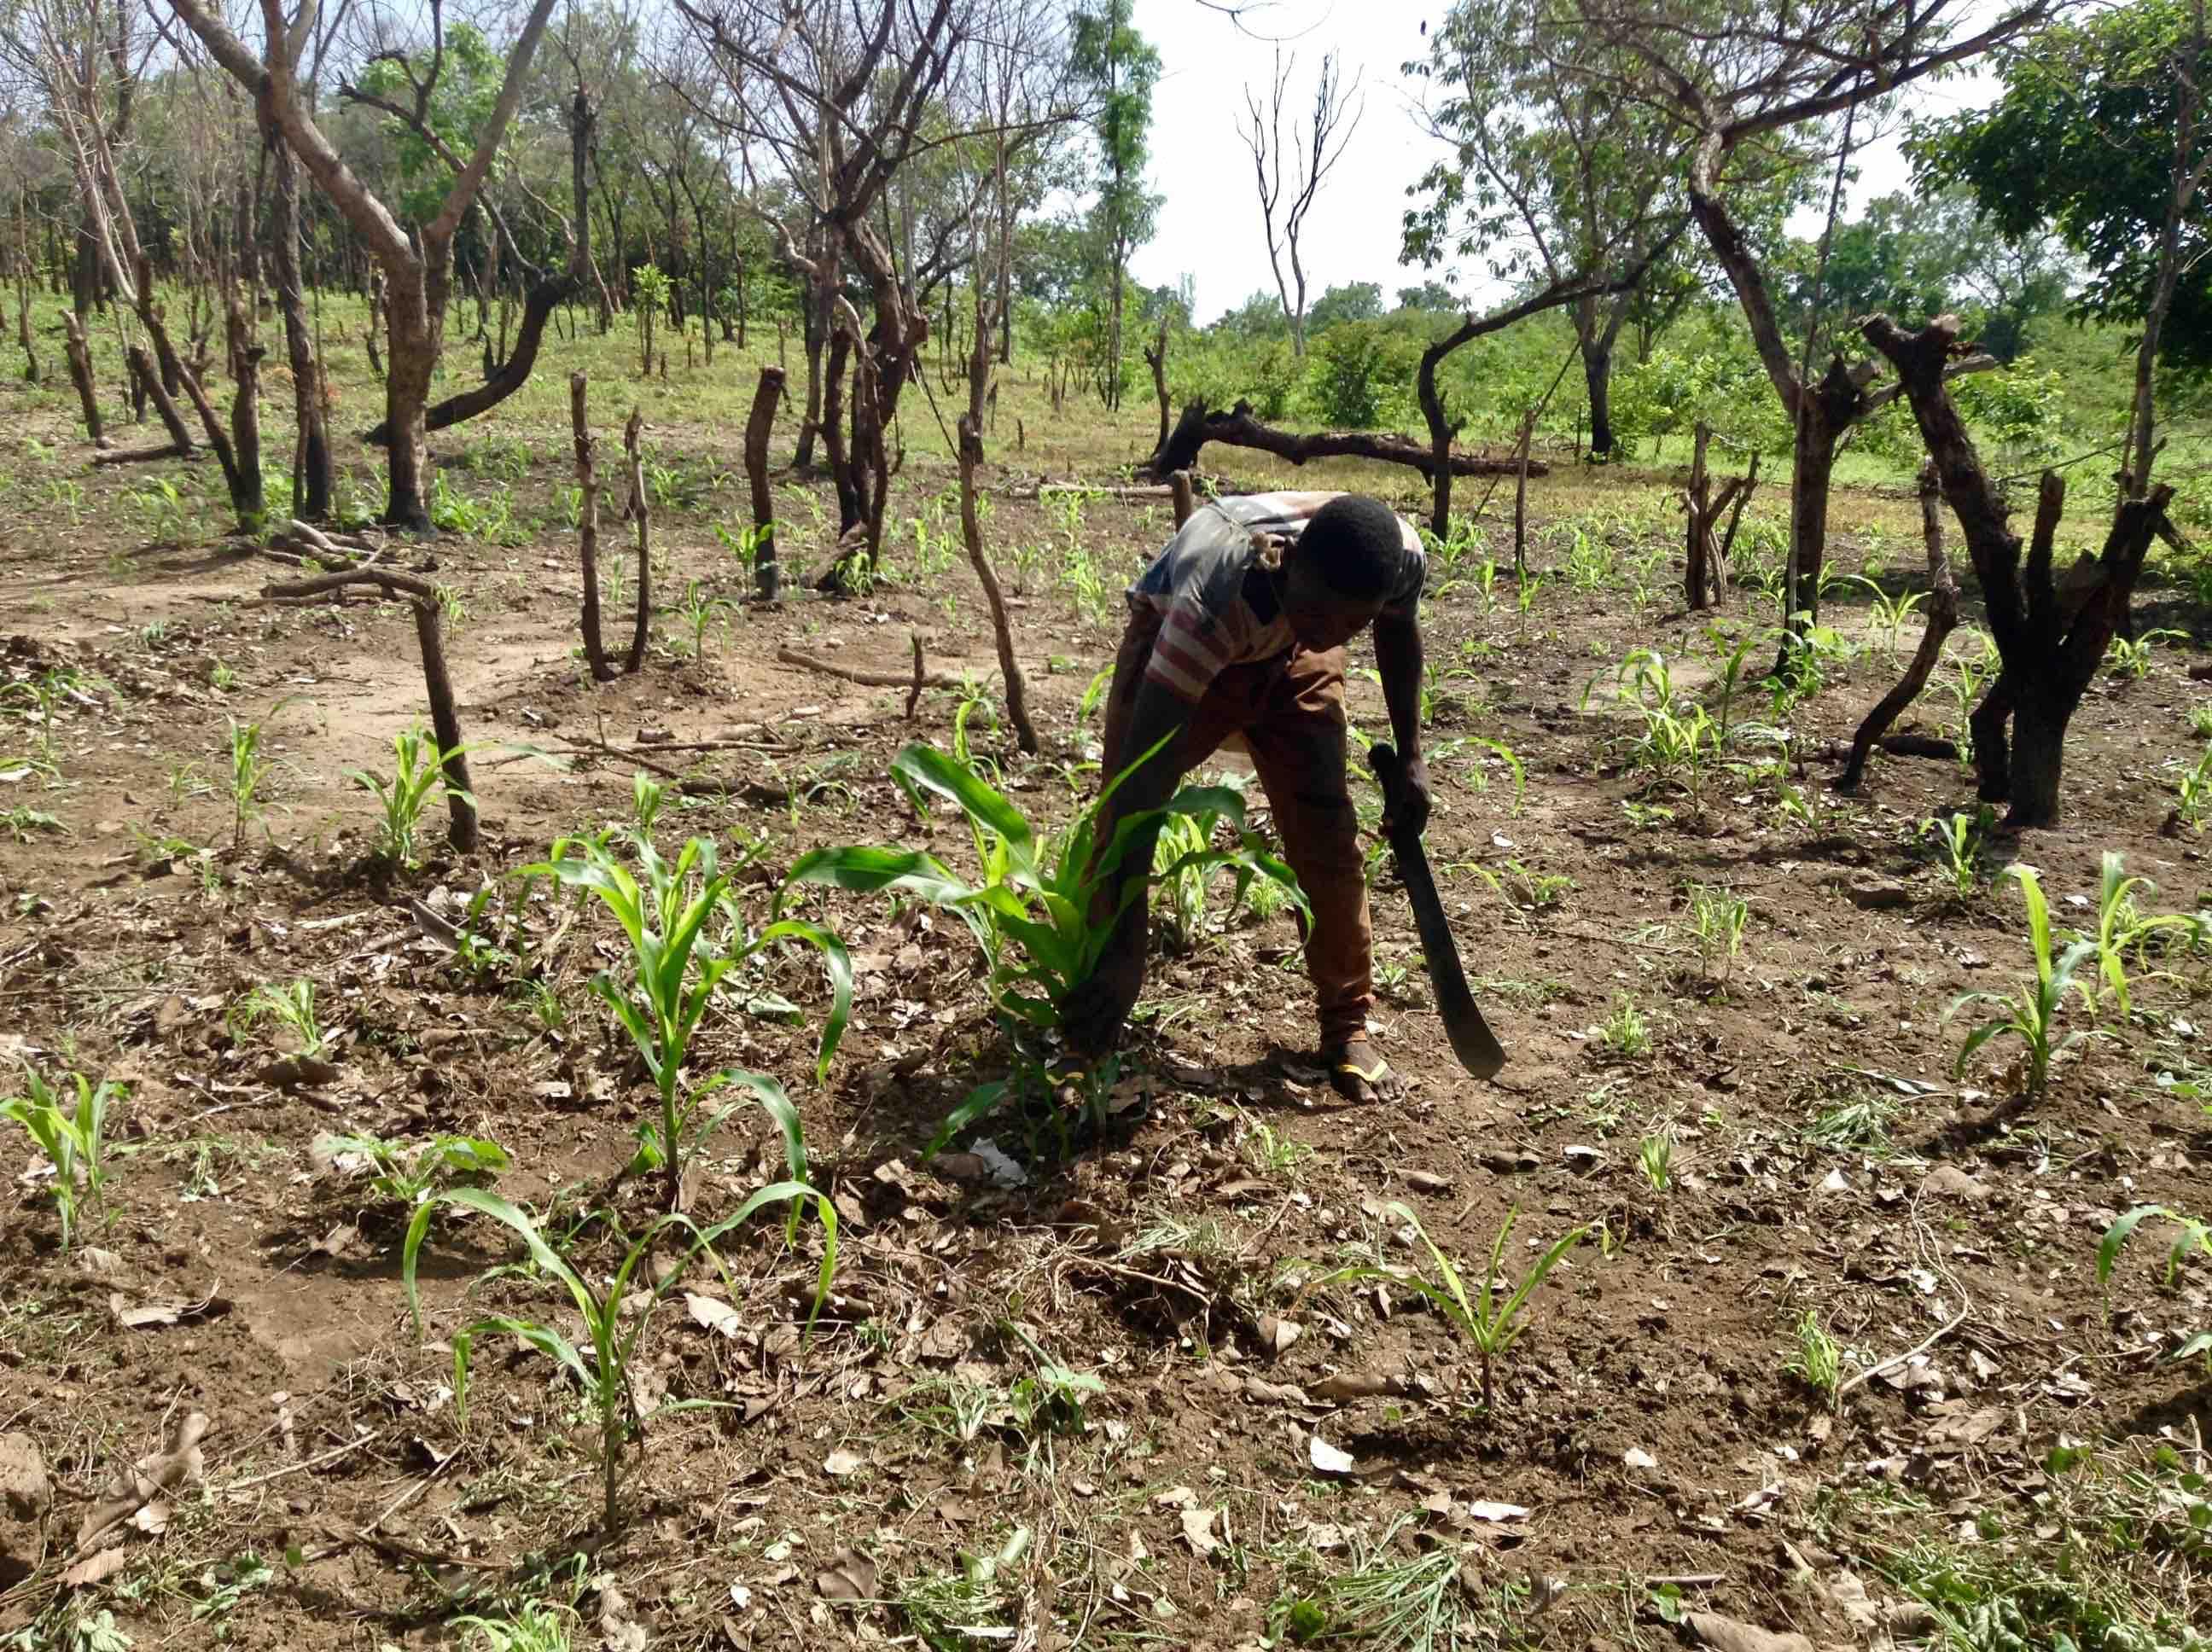 Monsanto's Toxic Chemical Glyphosate Free Farming in Langa Langa Village, Nasarawa State, Nigeria. #JujuFilms